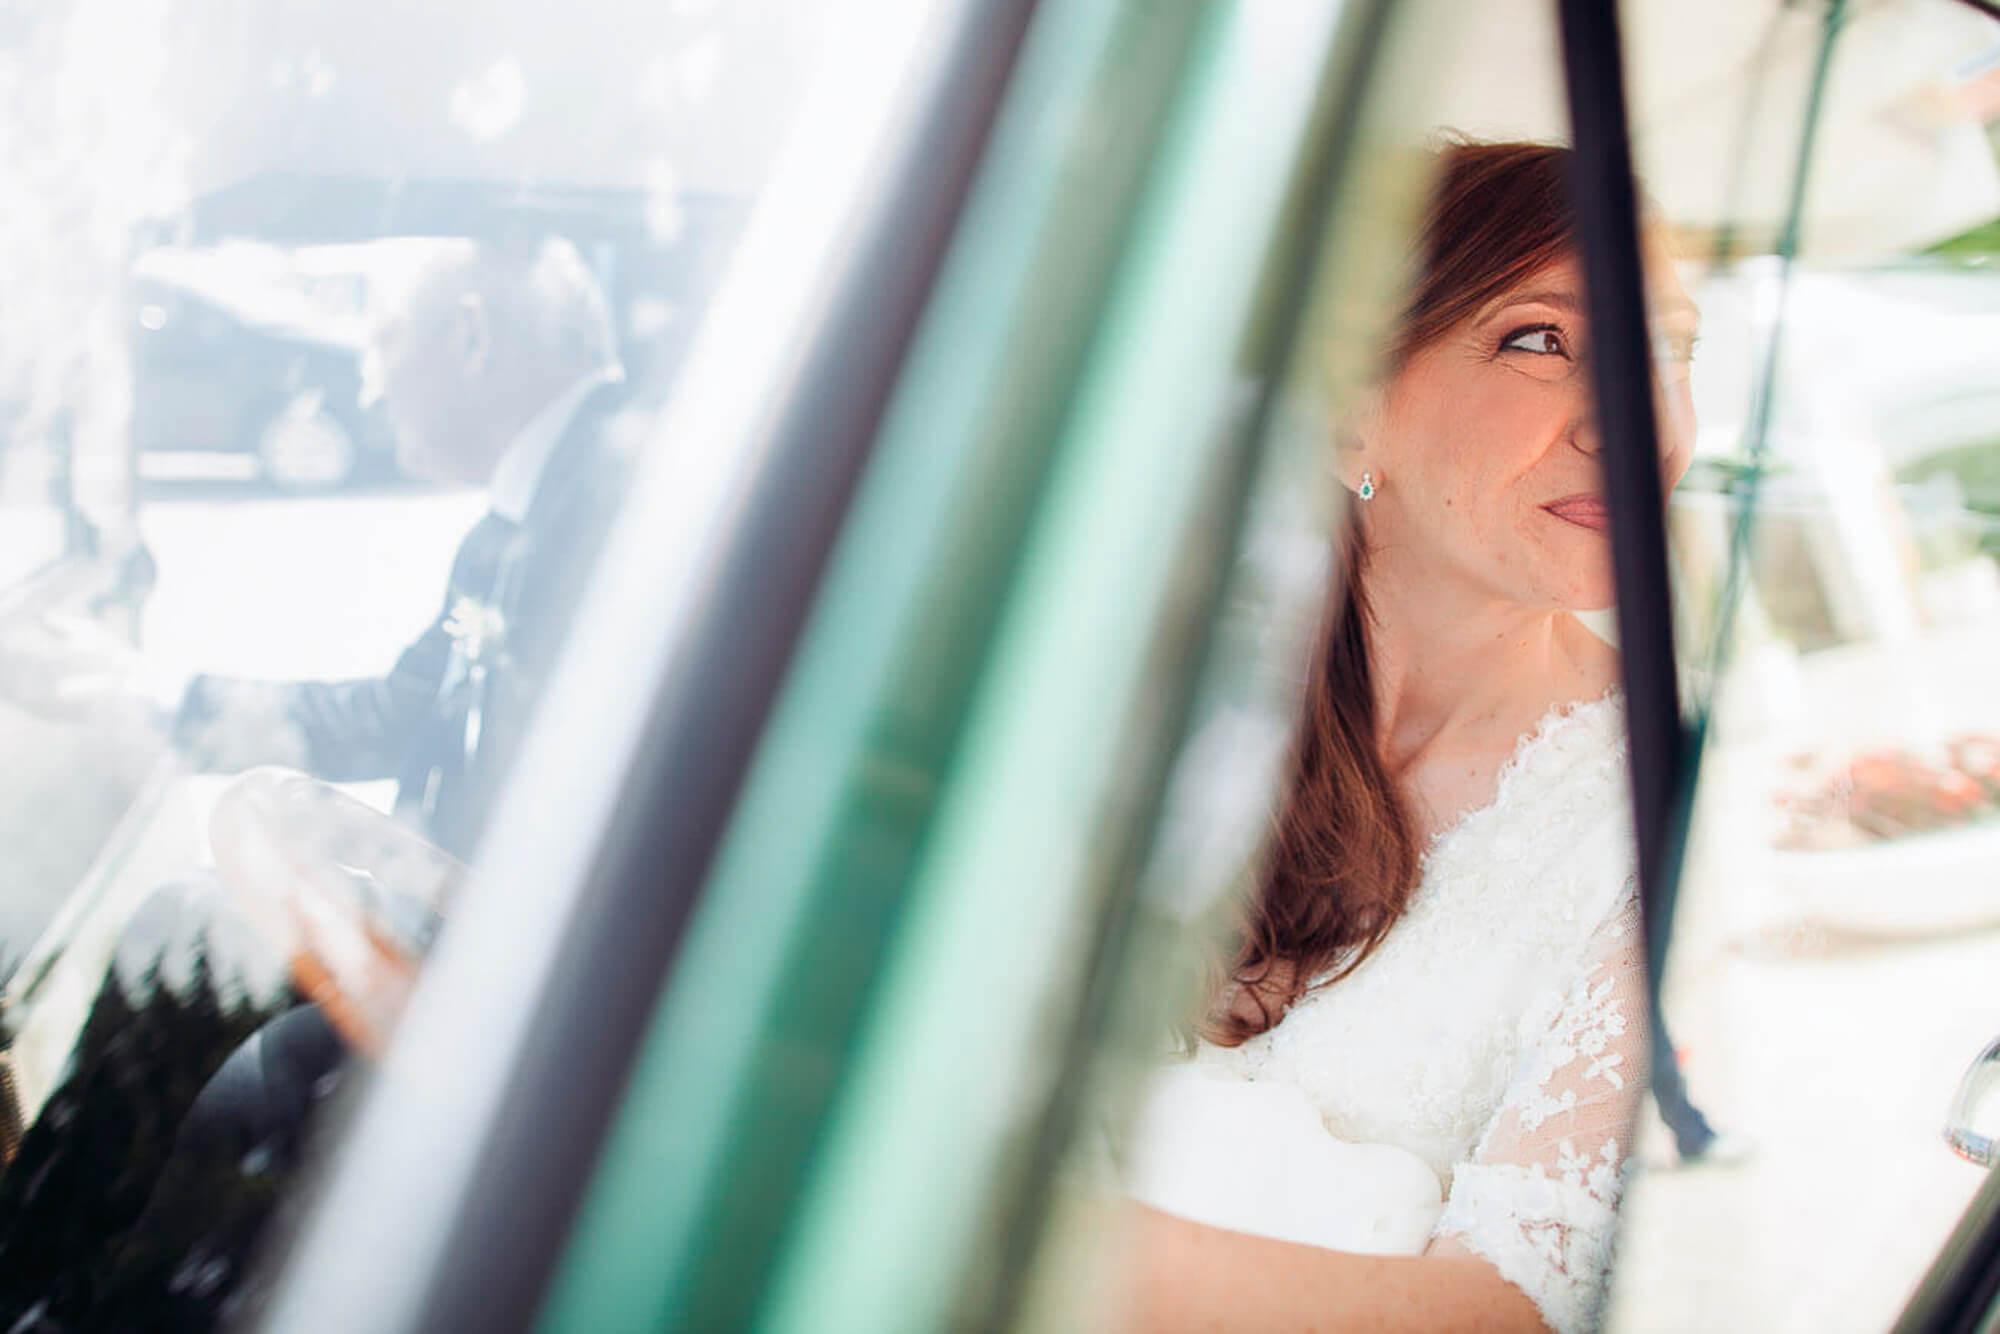 50_wedding_marche_sposa guida.jpg